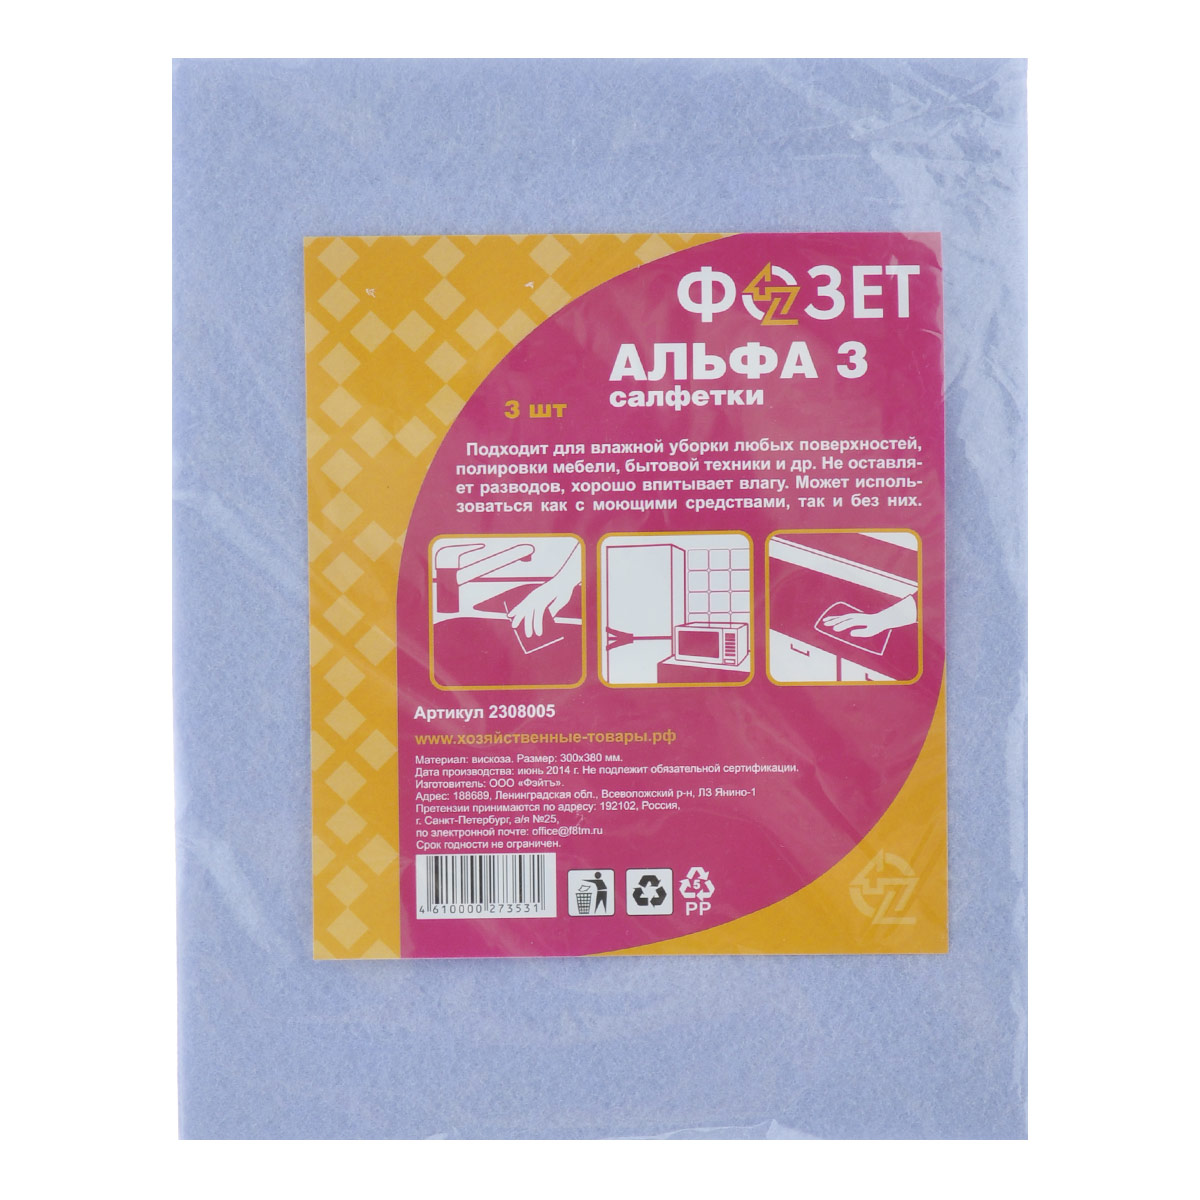 Cалфетка универсальная Фозет Альфа-3, цвет: сиреневый, 30 х 38 см, 3 штK100Универсальные салфетки Фозет Альфа-3, выполненные из мягкого нетканого вискозного материала, подходят как для сухой, так и для влажной уборки. Такие салфетки превосходно впитывают влагу, не оставляют разводов и волокон. Позволяют быстро и качественно очистить кухонные столы, кафель, раковины, сантехнику, деревянную и пластмассовую мебель, оргтехнику, поверхности стекла, зеркал и прочее. Можно использовать как с моющими средствами, так и без них.